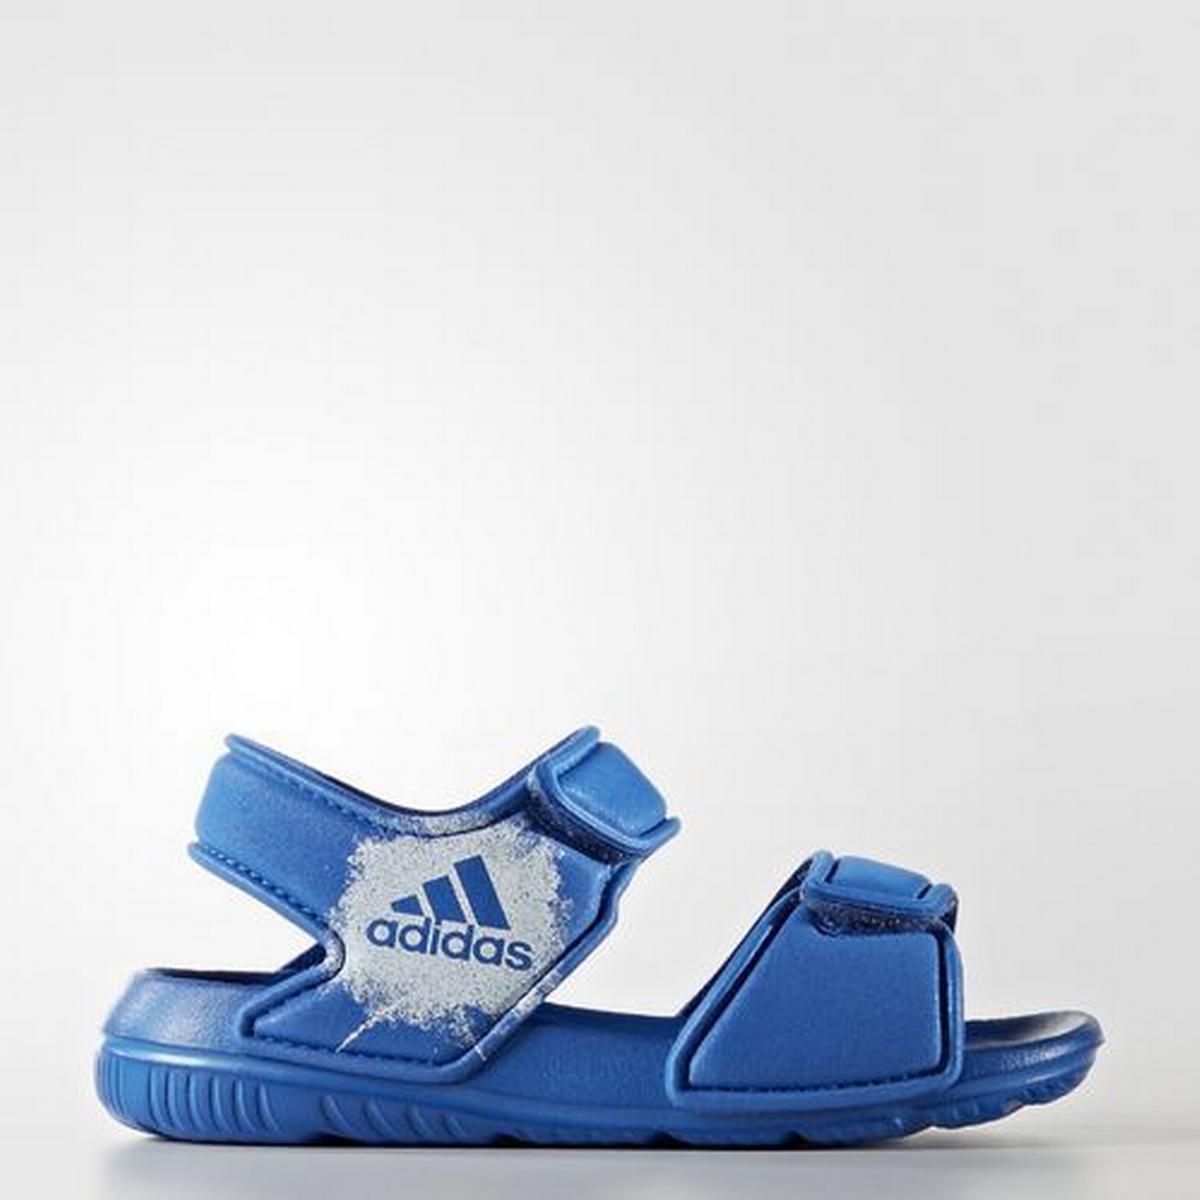 ca9fe114 Adidas Børnesko - Sammenlign priser hos PriceRunner